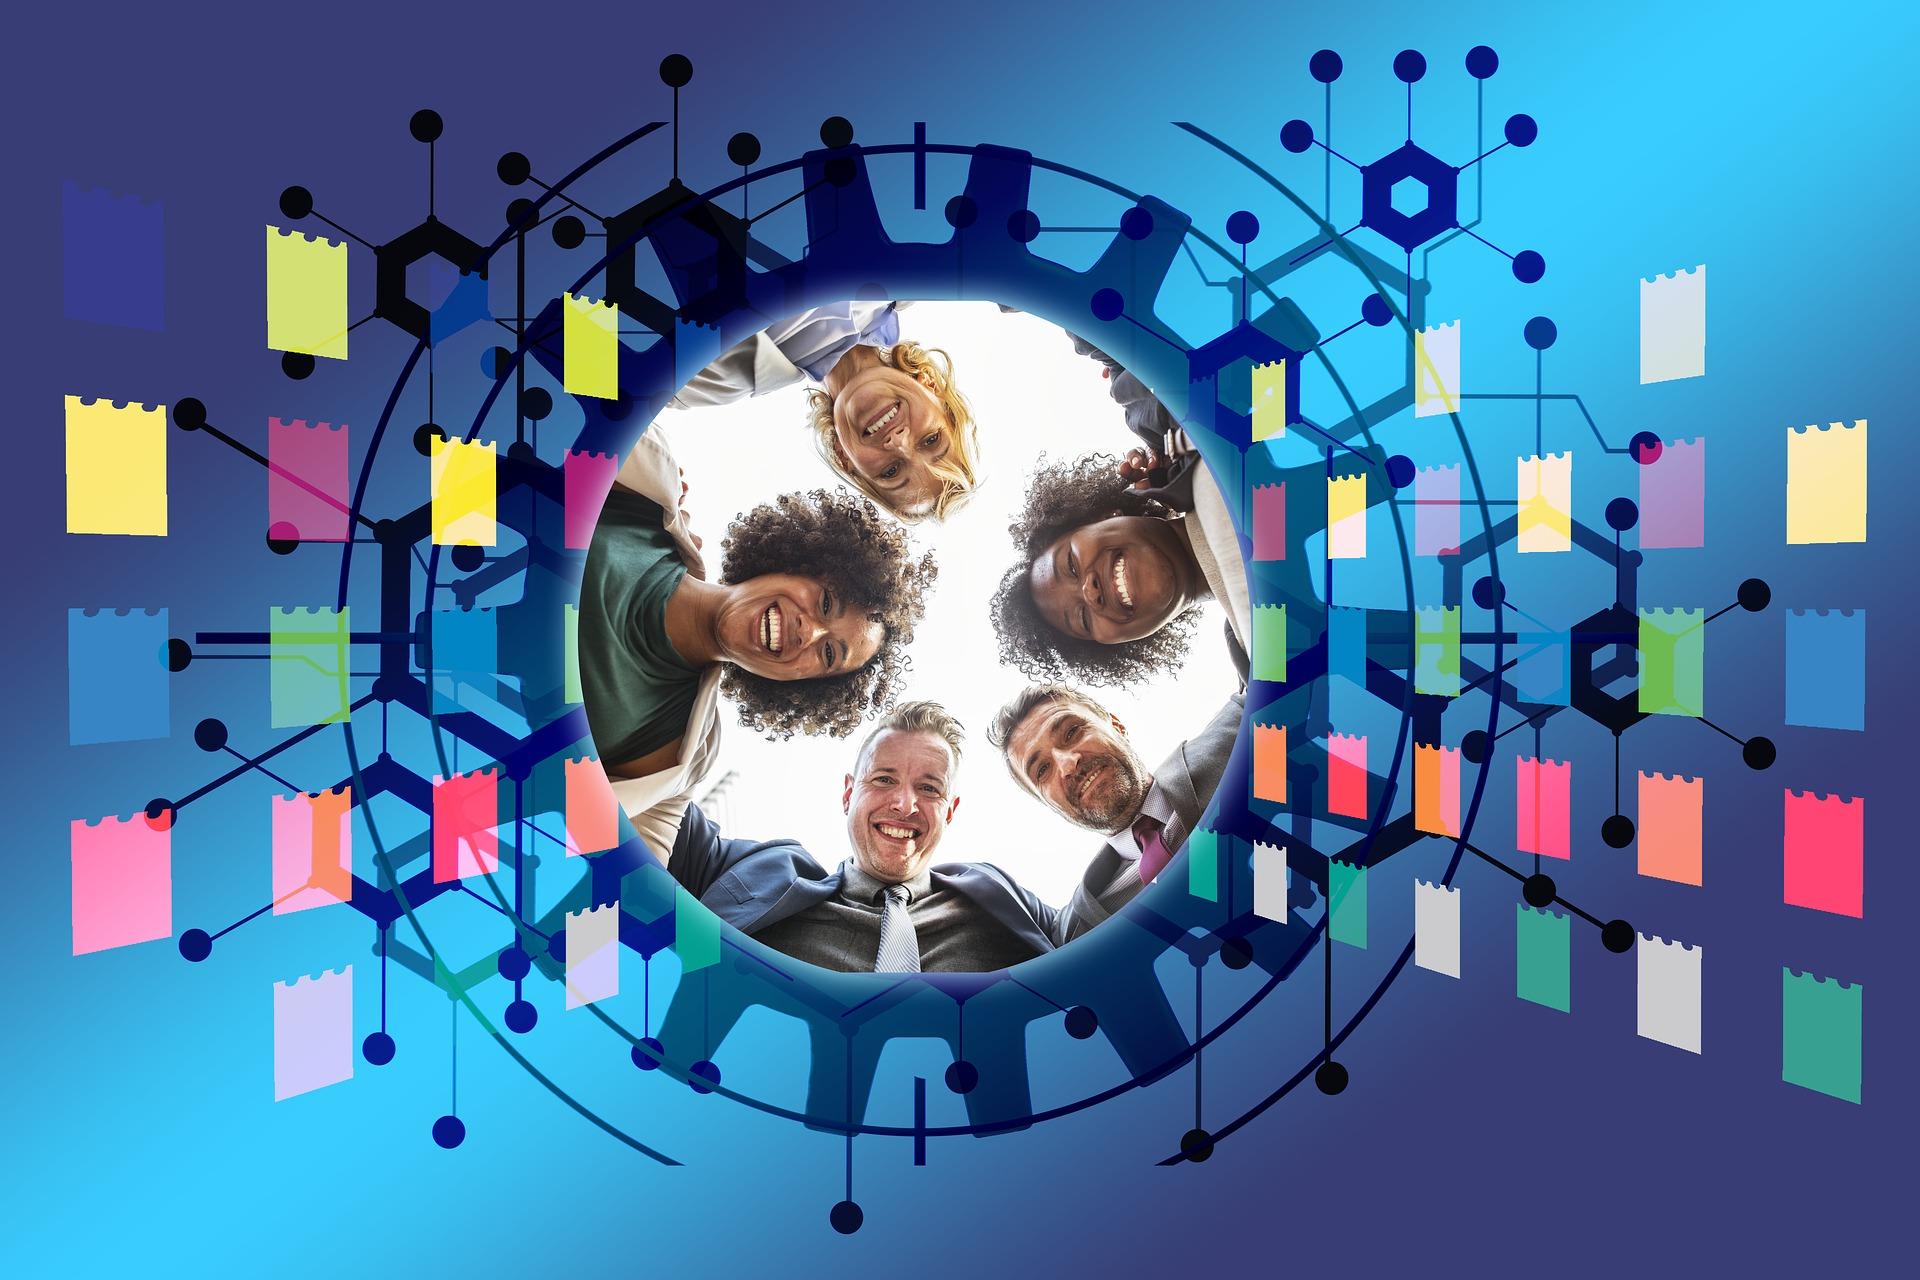 Praktisch aan de slag met je teamontwikkeling door inzet van het online instrument 'team in beeld'. Verkrijg overzichtelijk inzicht in je teamcompetenties en tips voor je teamontwikkeling.